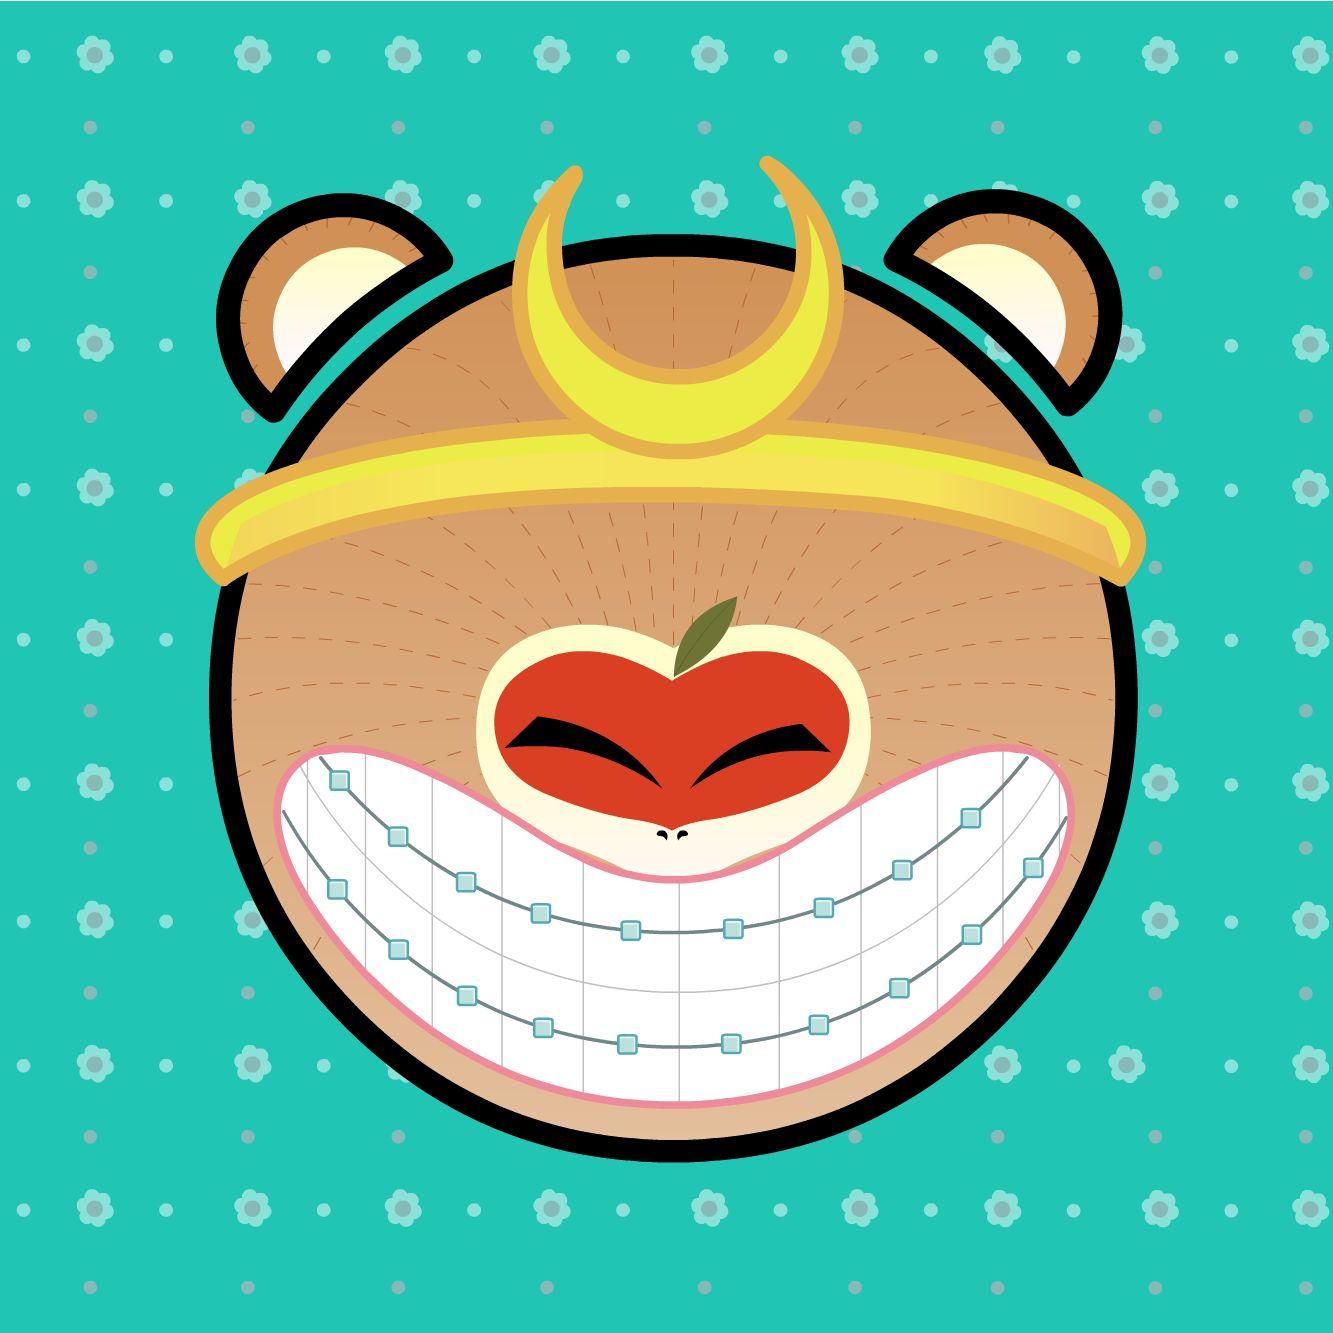 带牙套的猴儿少年~猴赛雷呀|动漫|单幅漫画|蒙圈lee图片